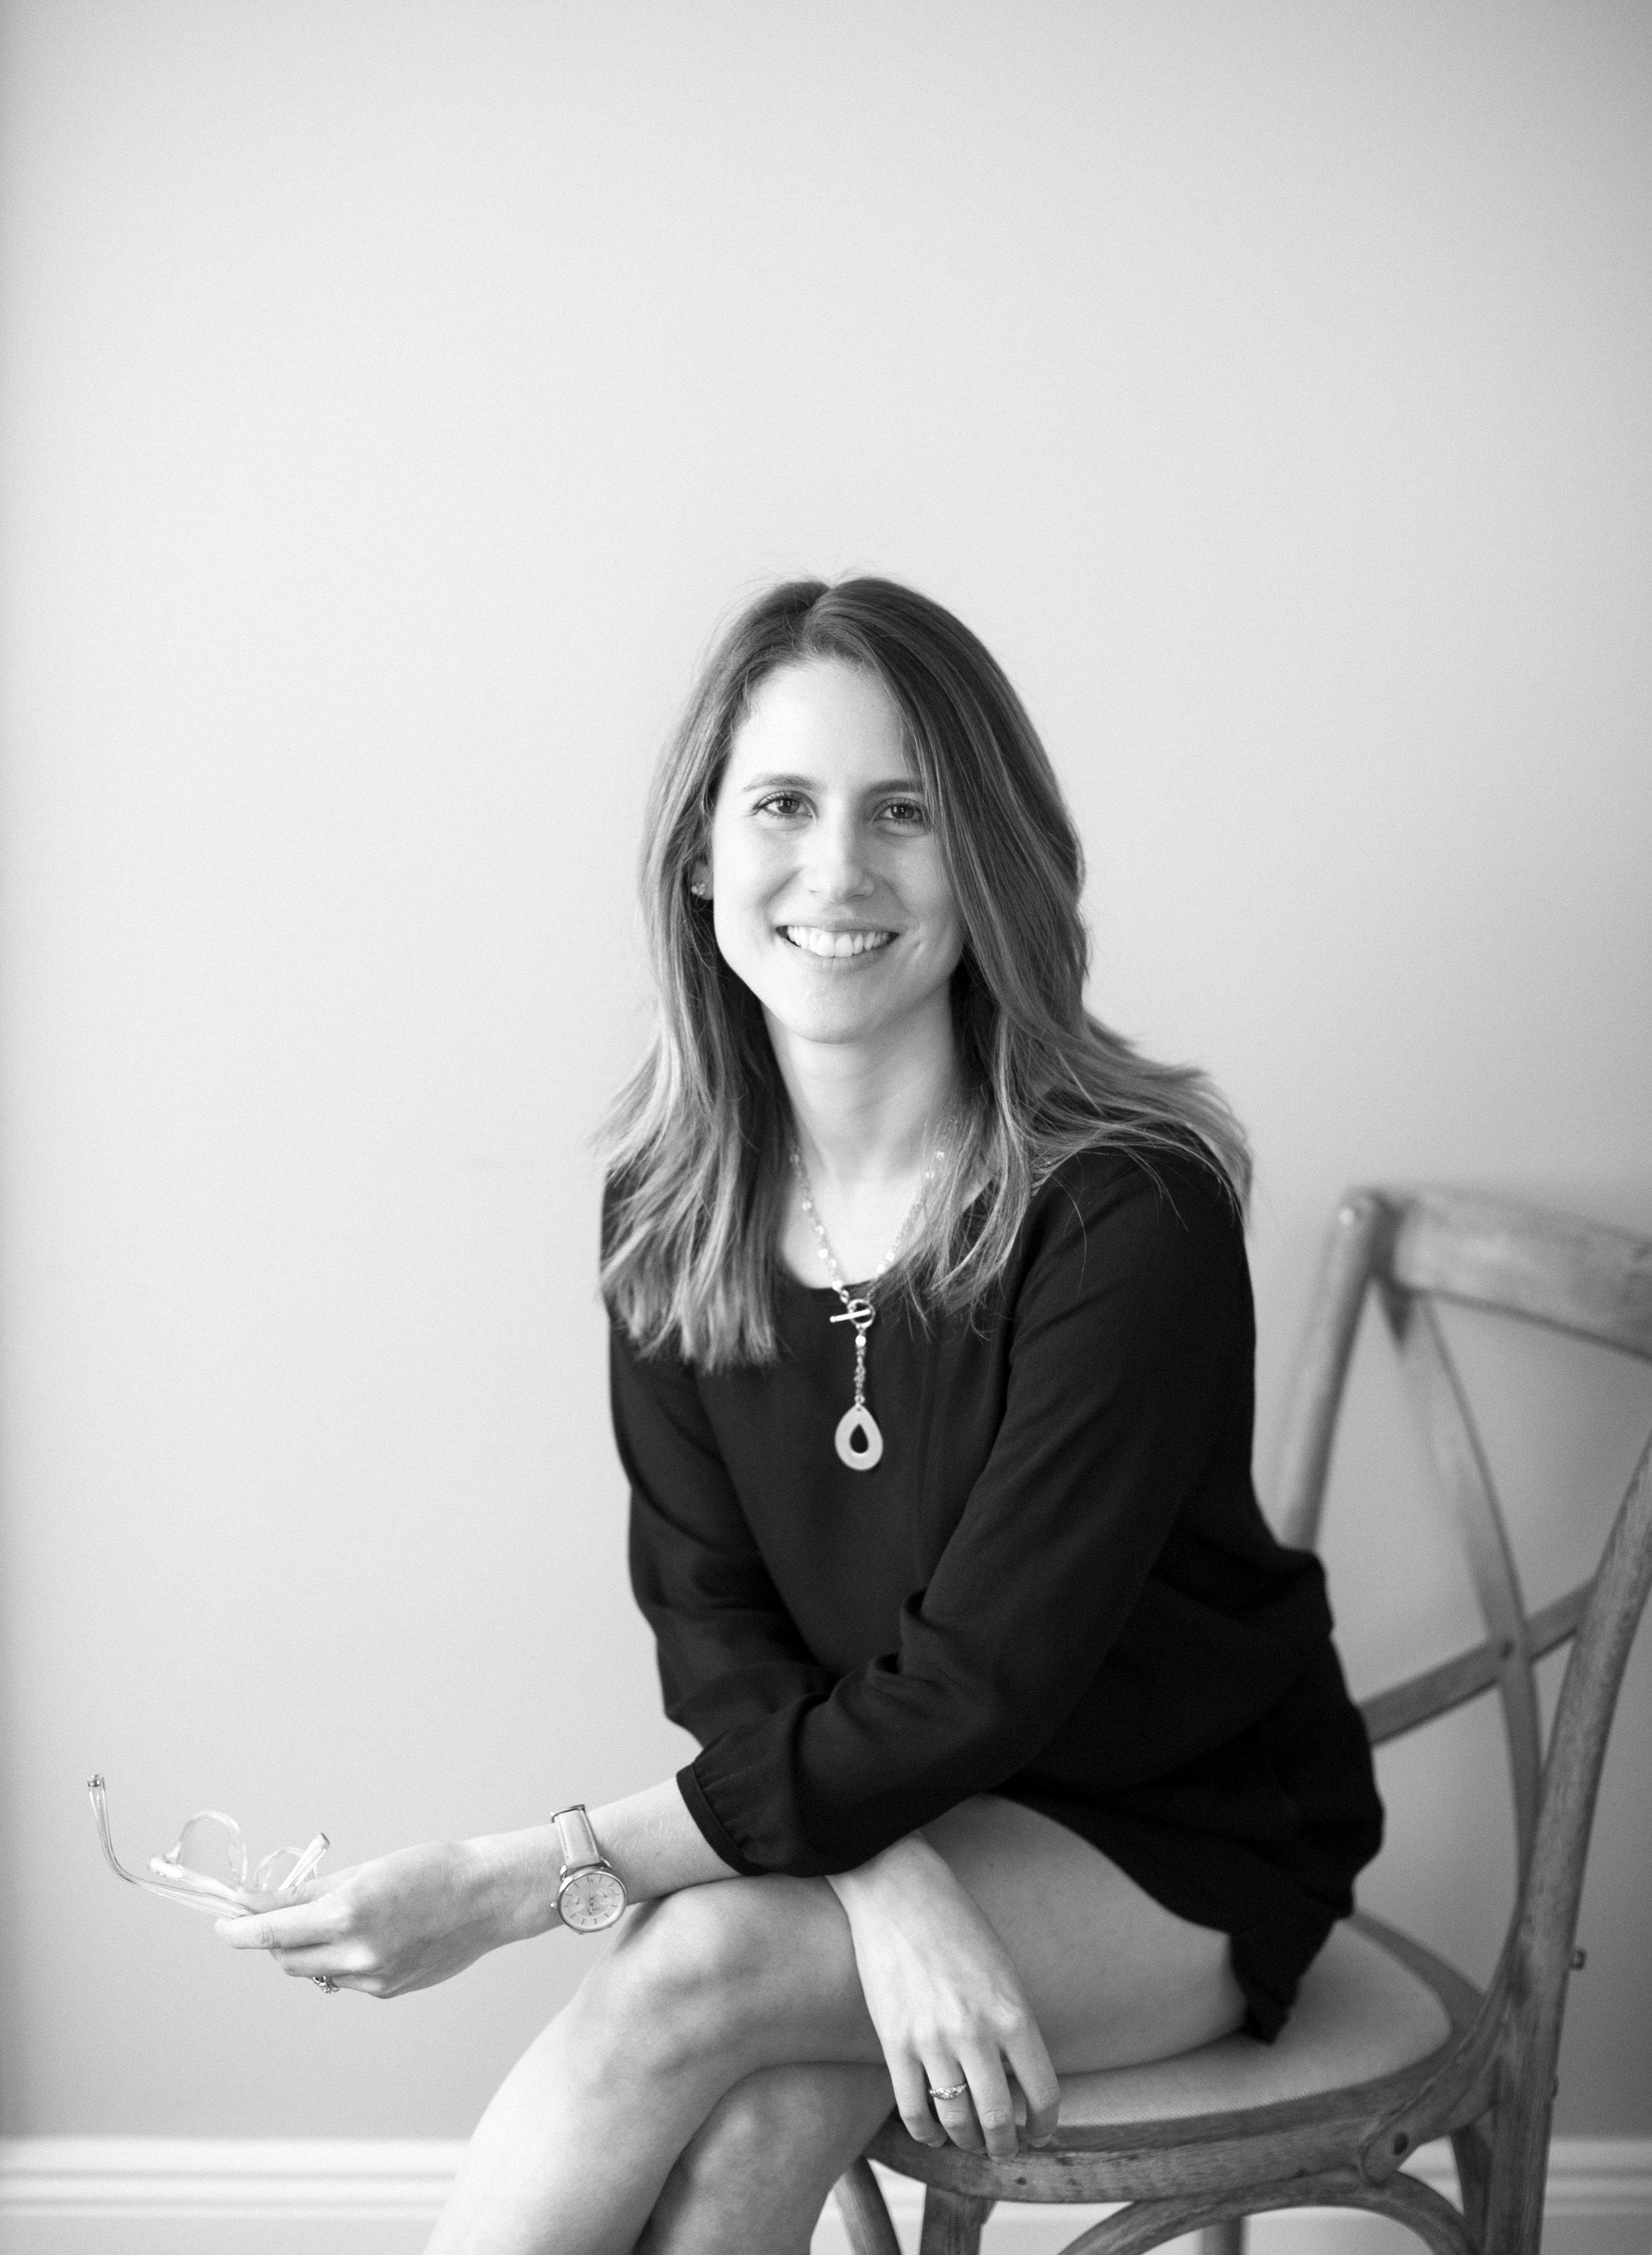 Aniella Perold